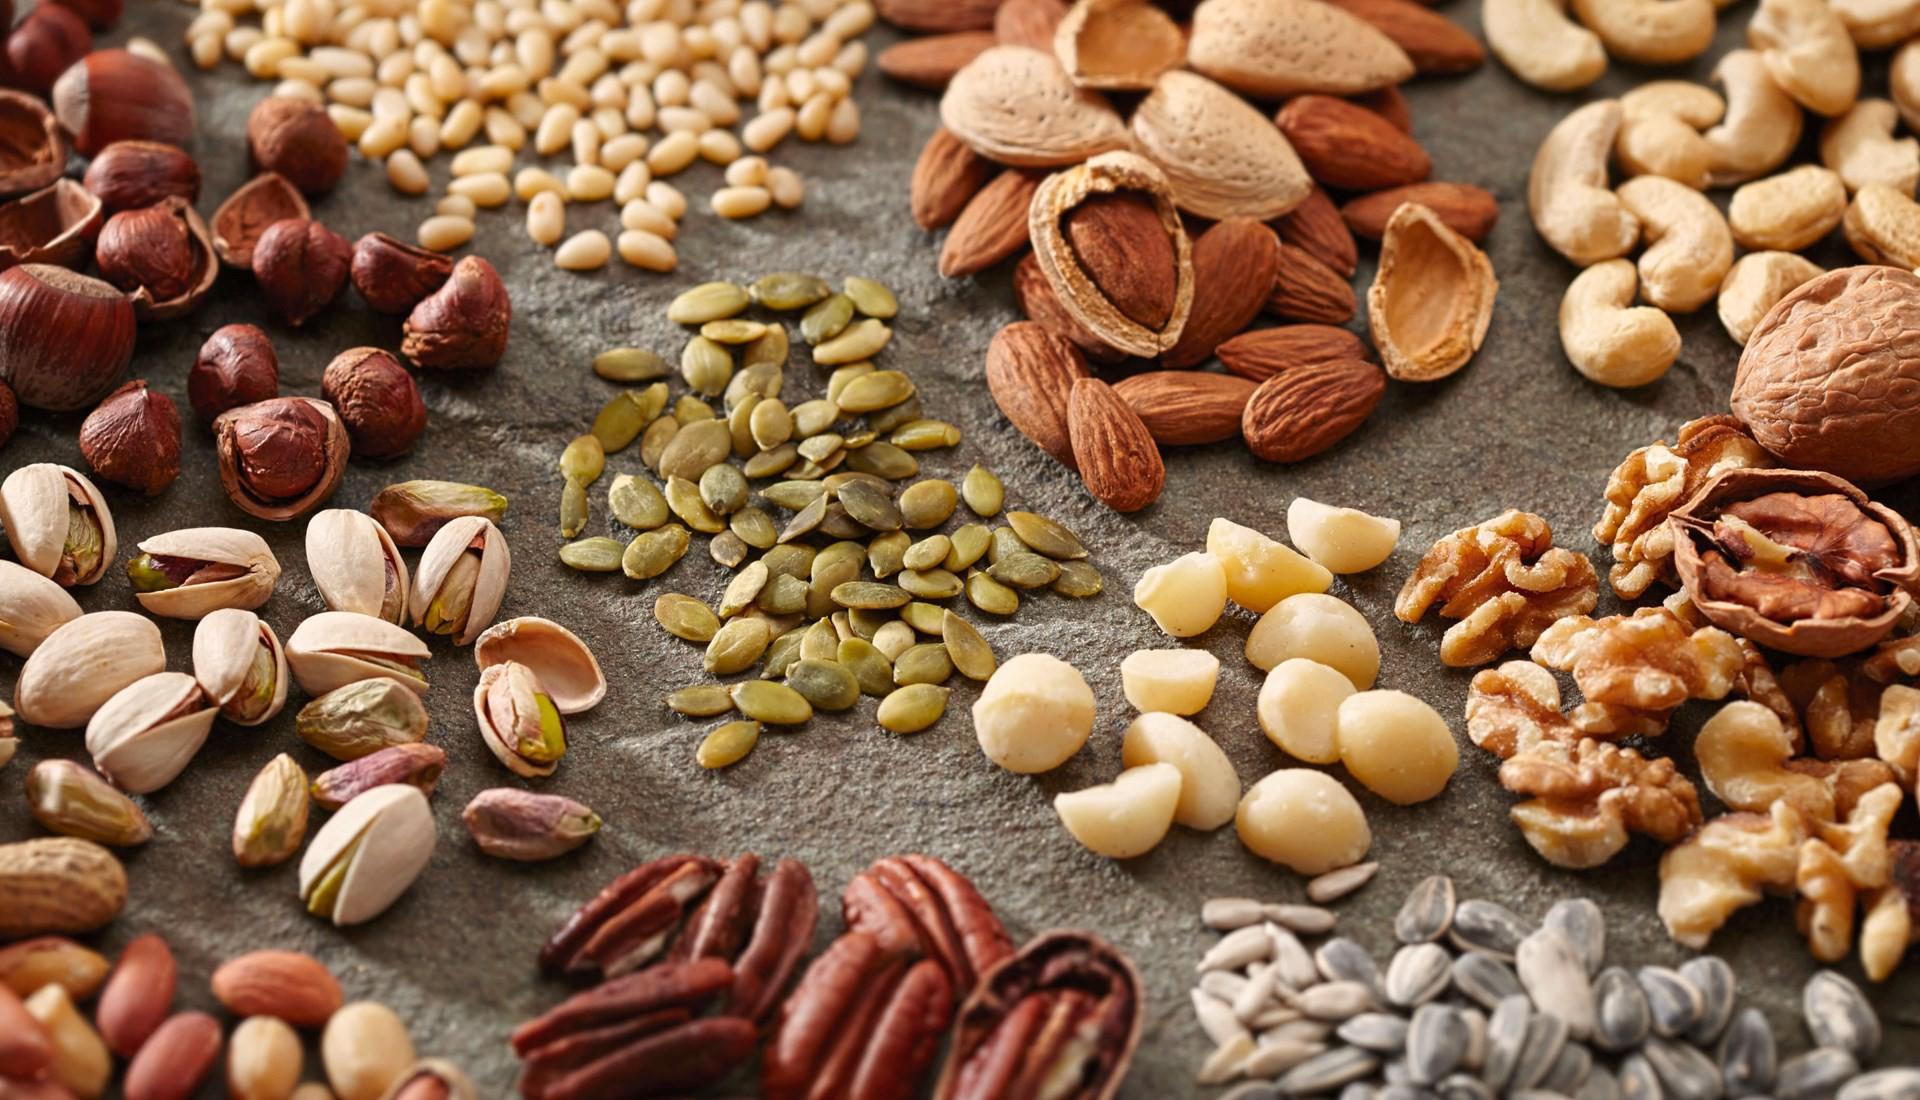 Cách bảo quản các loại hạt lâu ngày dễ dàng